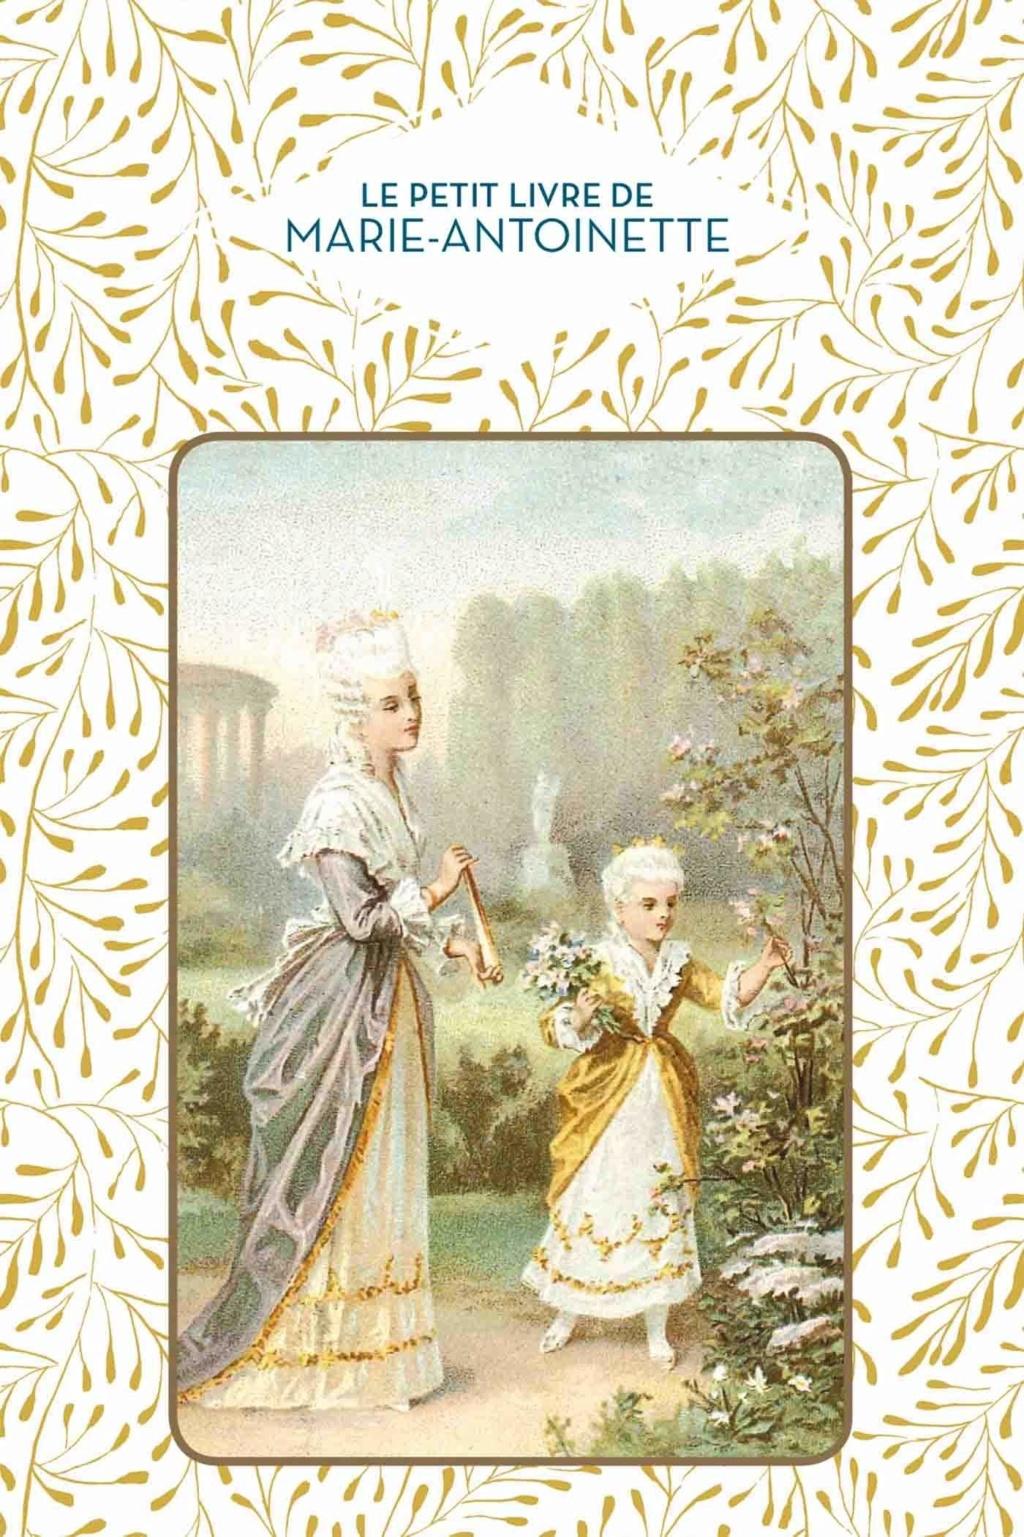 Le Petit Livre de Marie-Antoinette de Dominique Foufelle 81gcq810